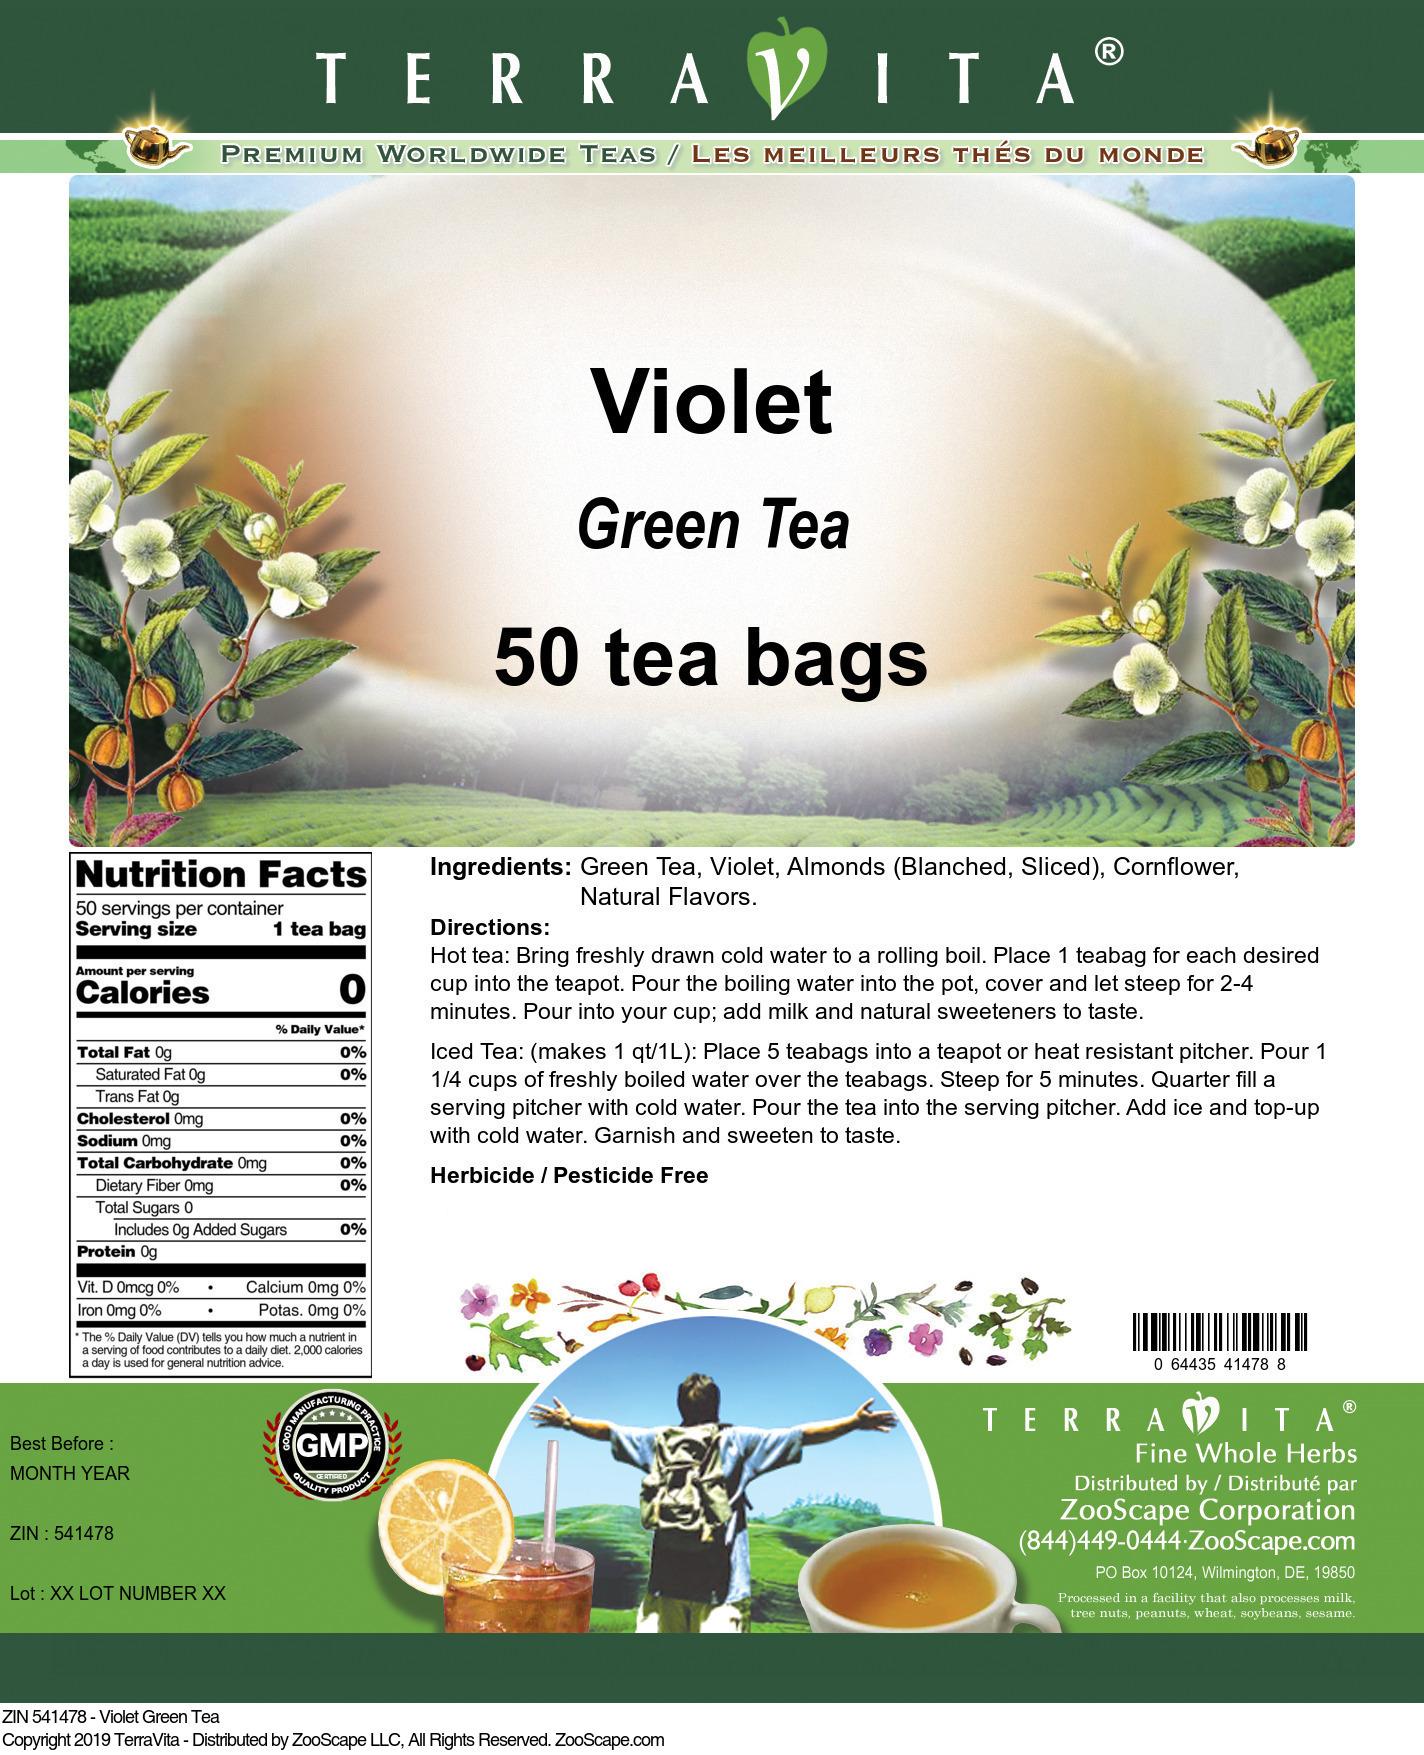 Violet Green Tea